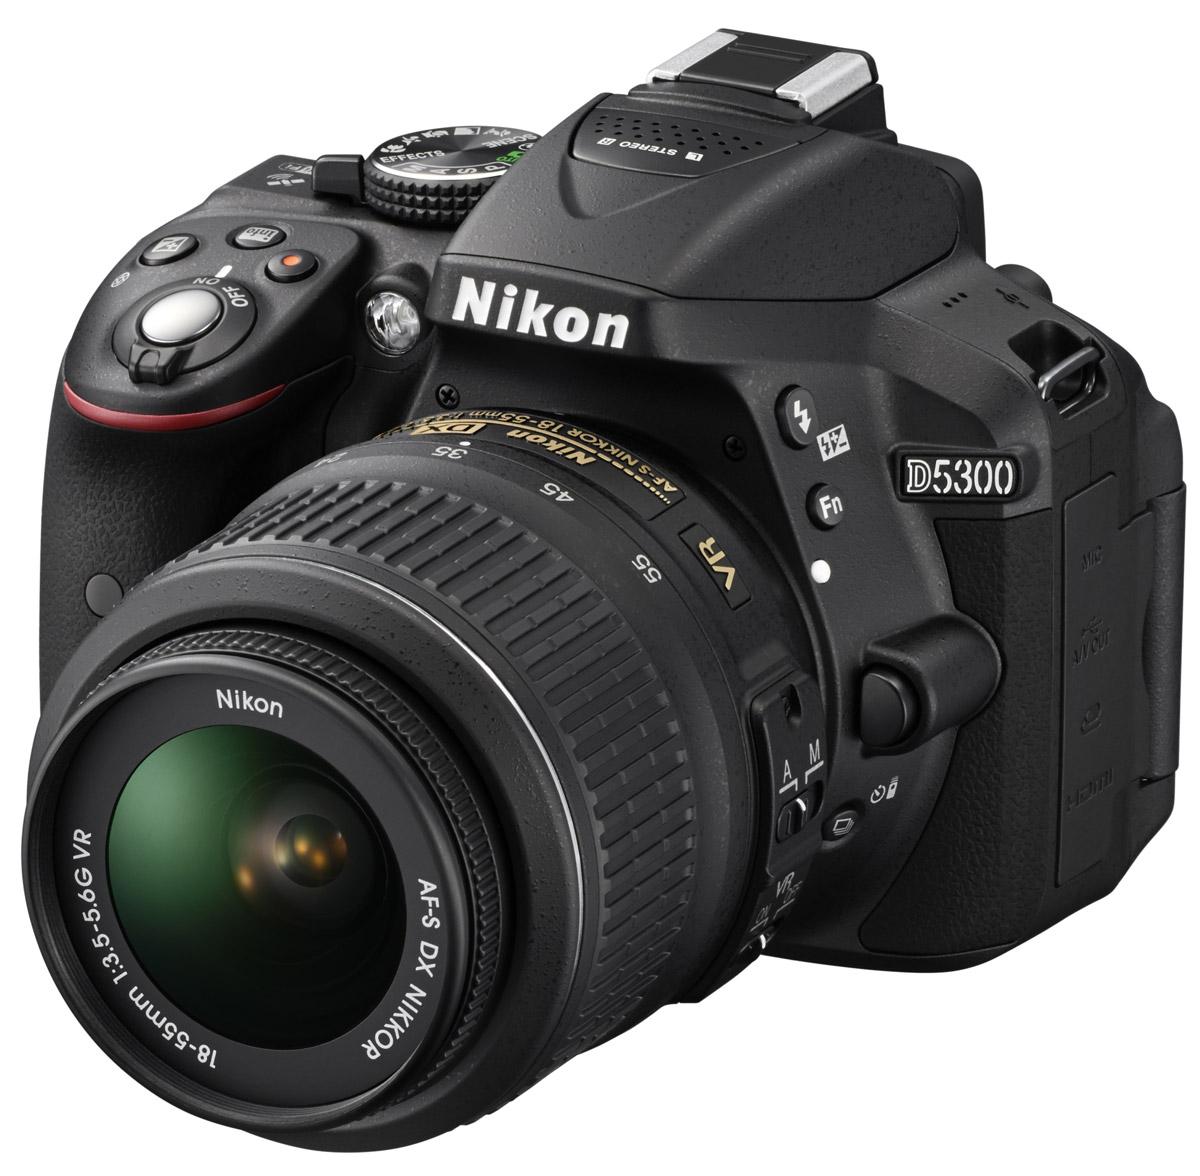 Nikon D5300 Kit 18-55 VR, Black цифровая зеркальная камера ( VBA370K007 )